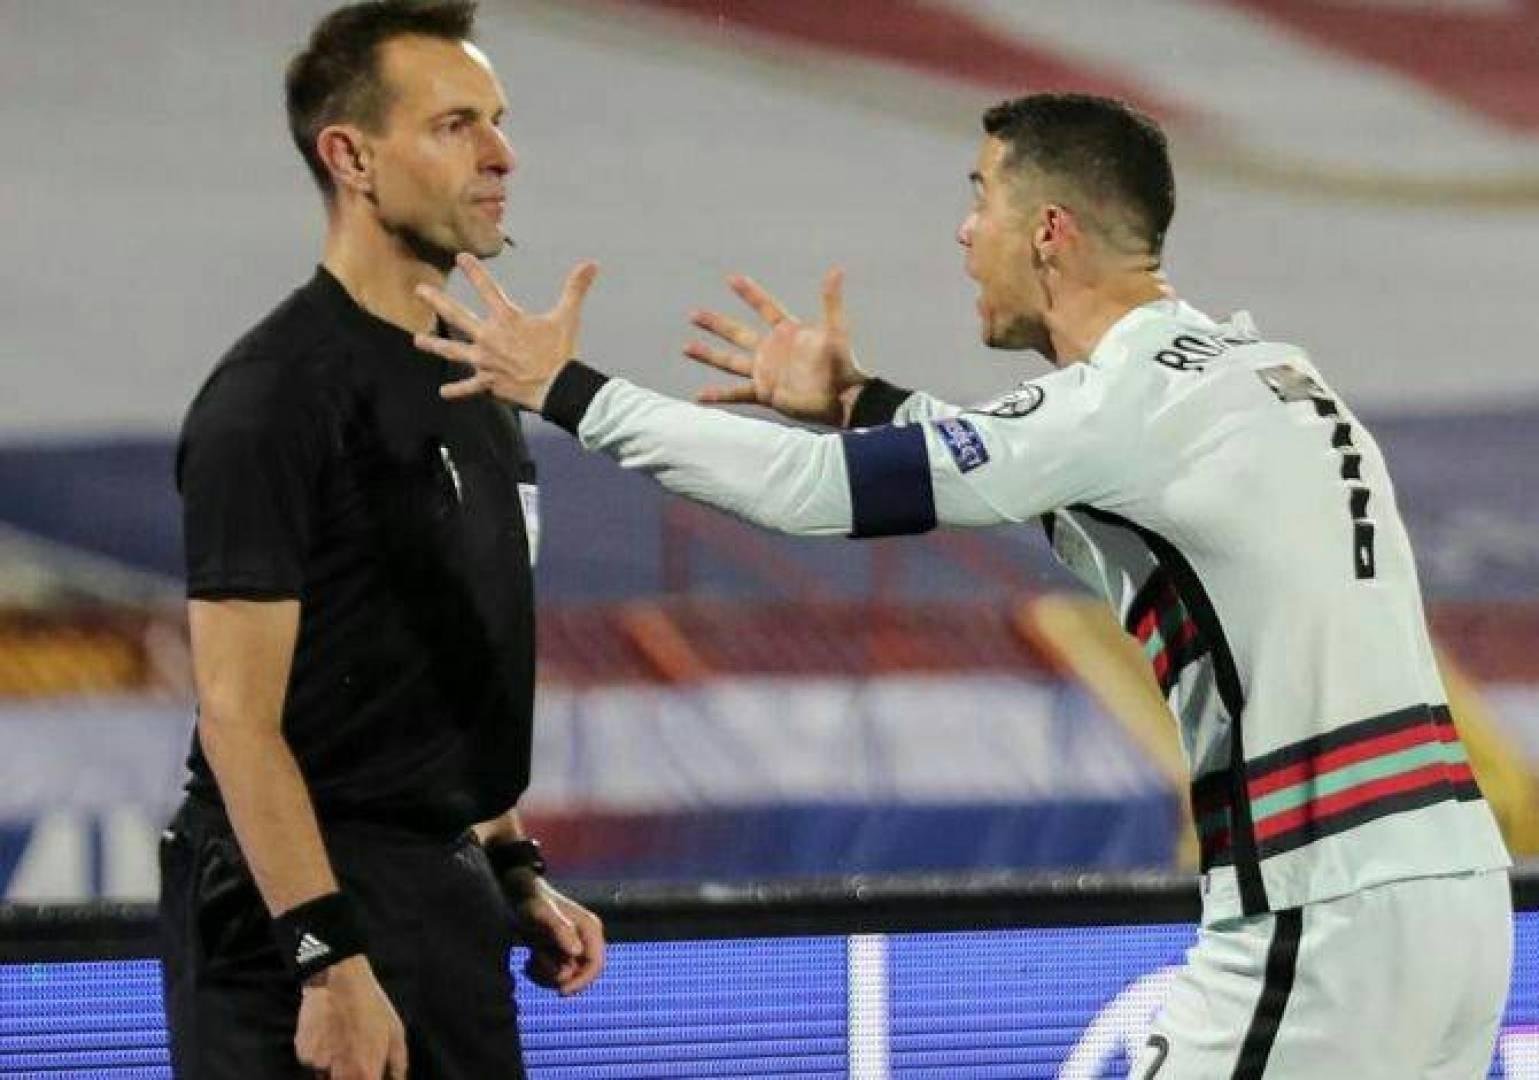 بالفيديو  ..  حكم هولندي يعتذر لرونالدو بعد إضاعة هدف ثمين